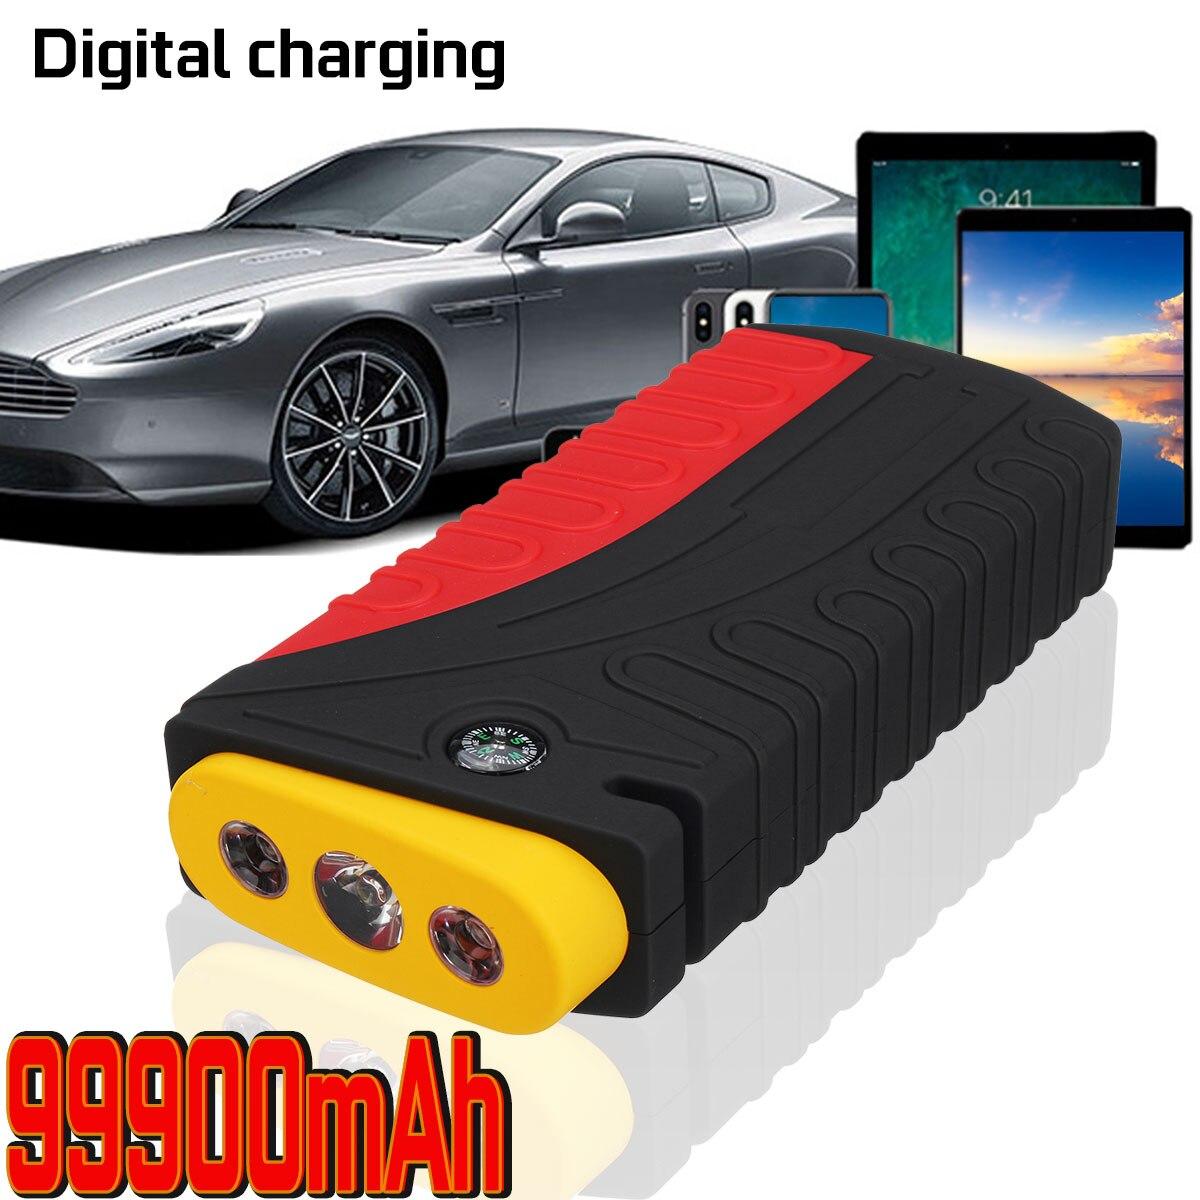 Grande capacité 12 V 600A LED démarrage de voiture démarreur batterie externe Booster 4 USB voiture chargeur de secours batterie étanche